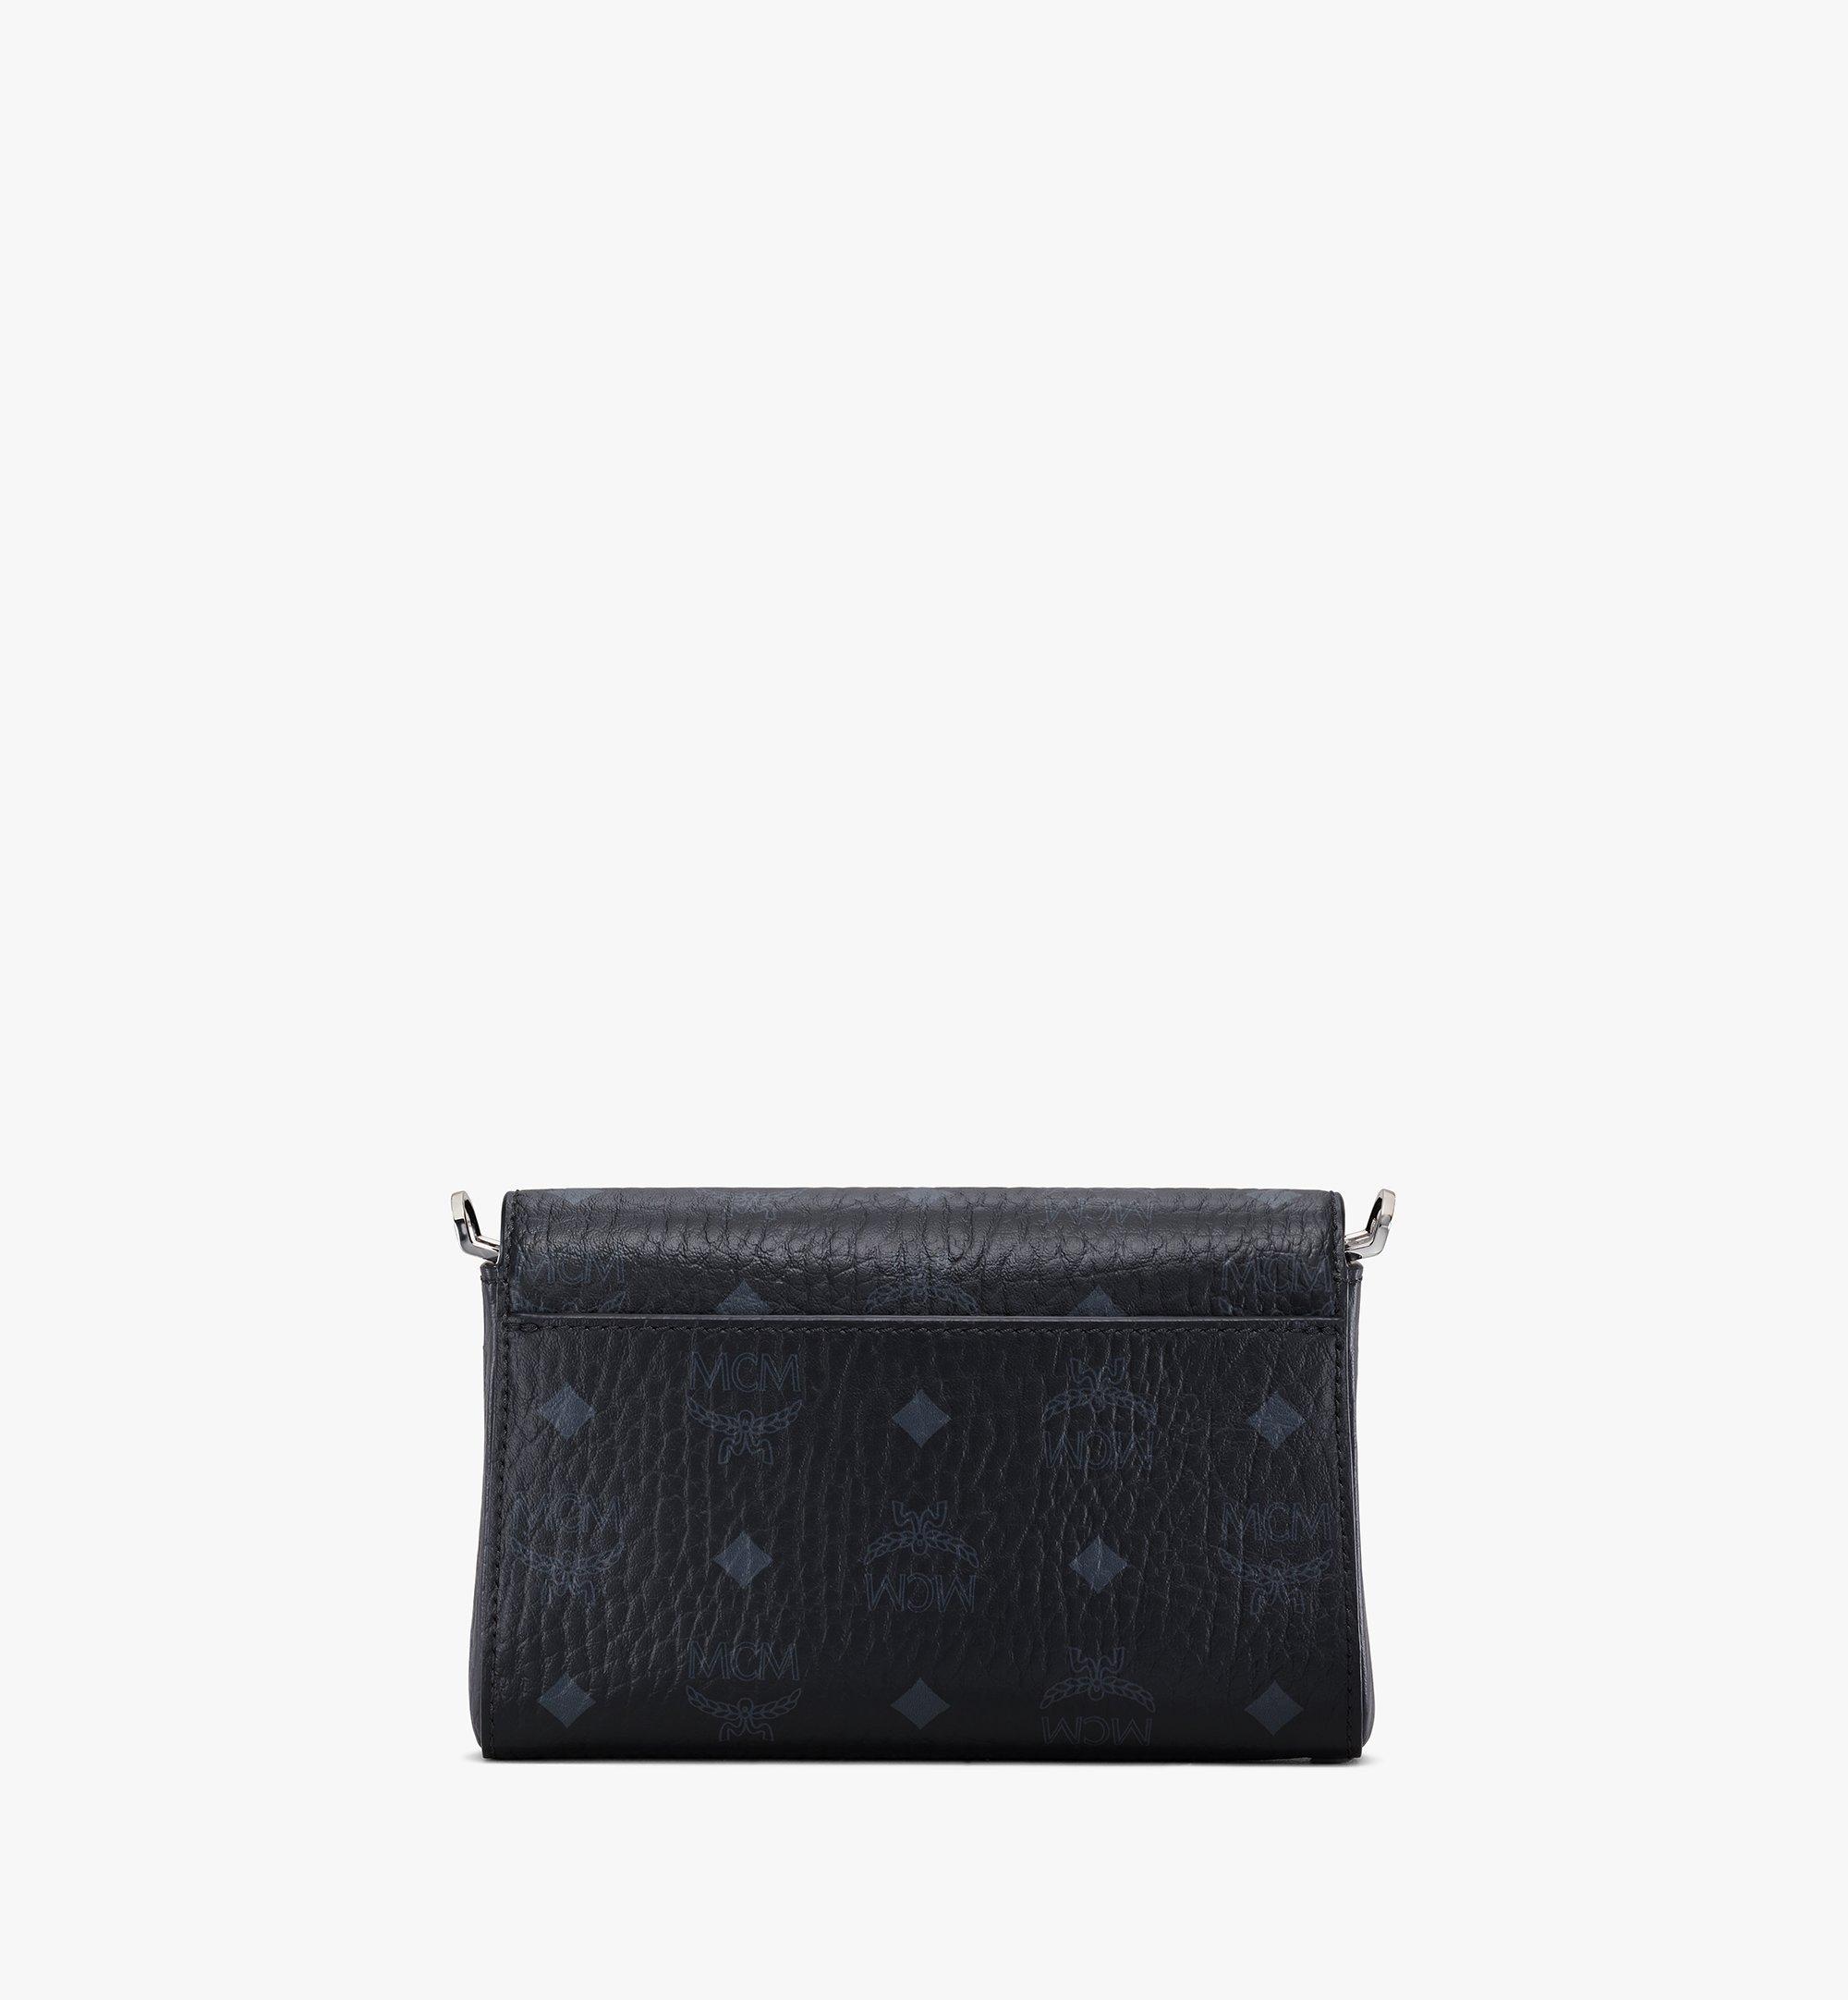 MCM Millie Crossbody-Tasche in Visetos Black MWRAAME03BK001 Noch mehr sehen 2